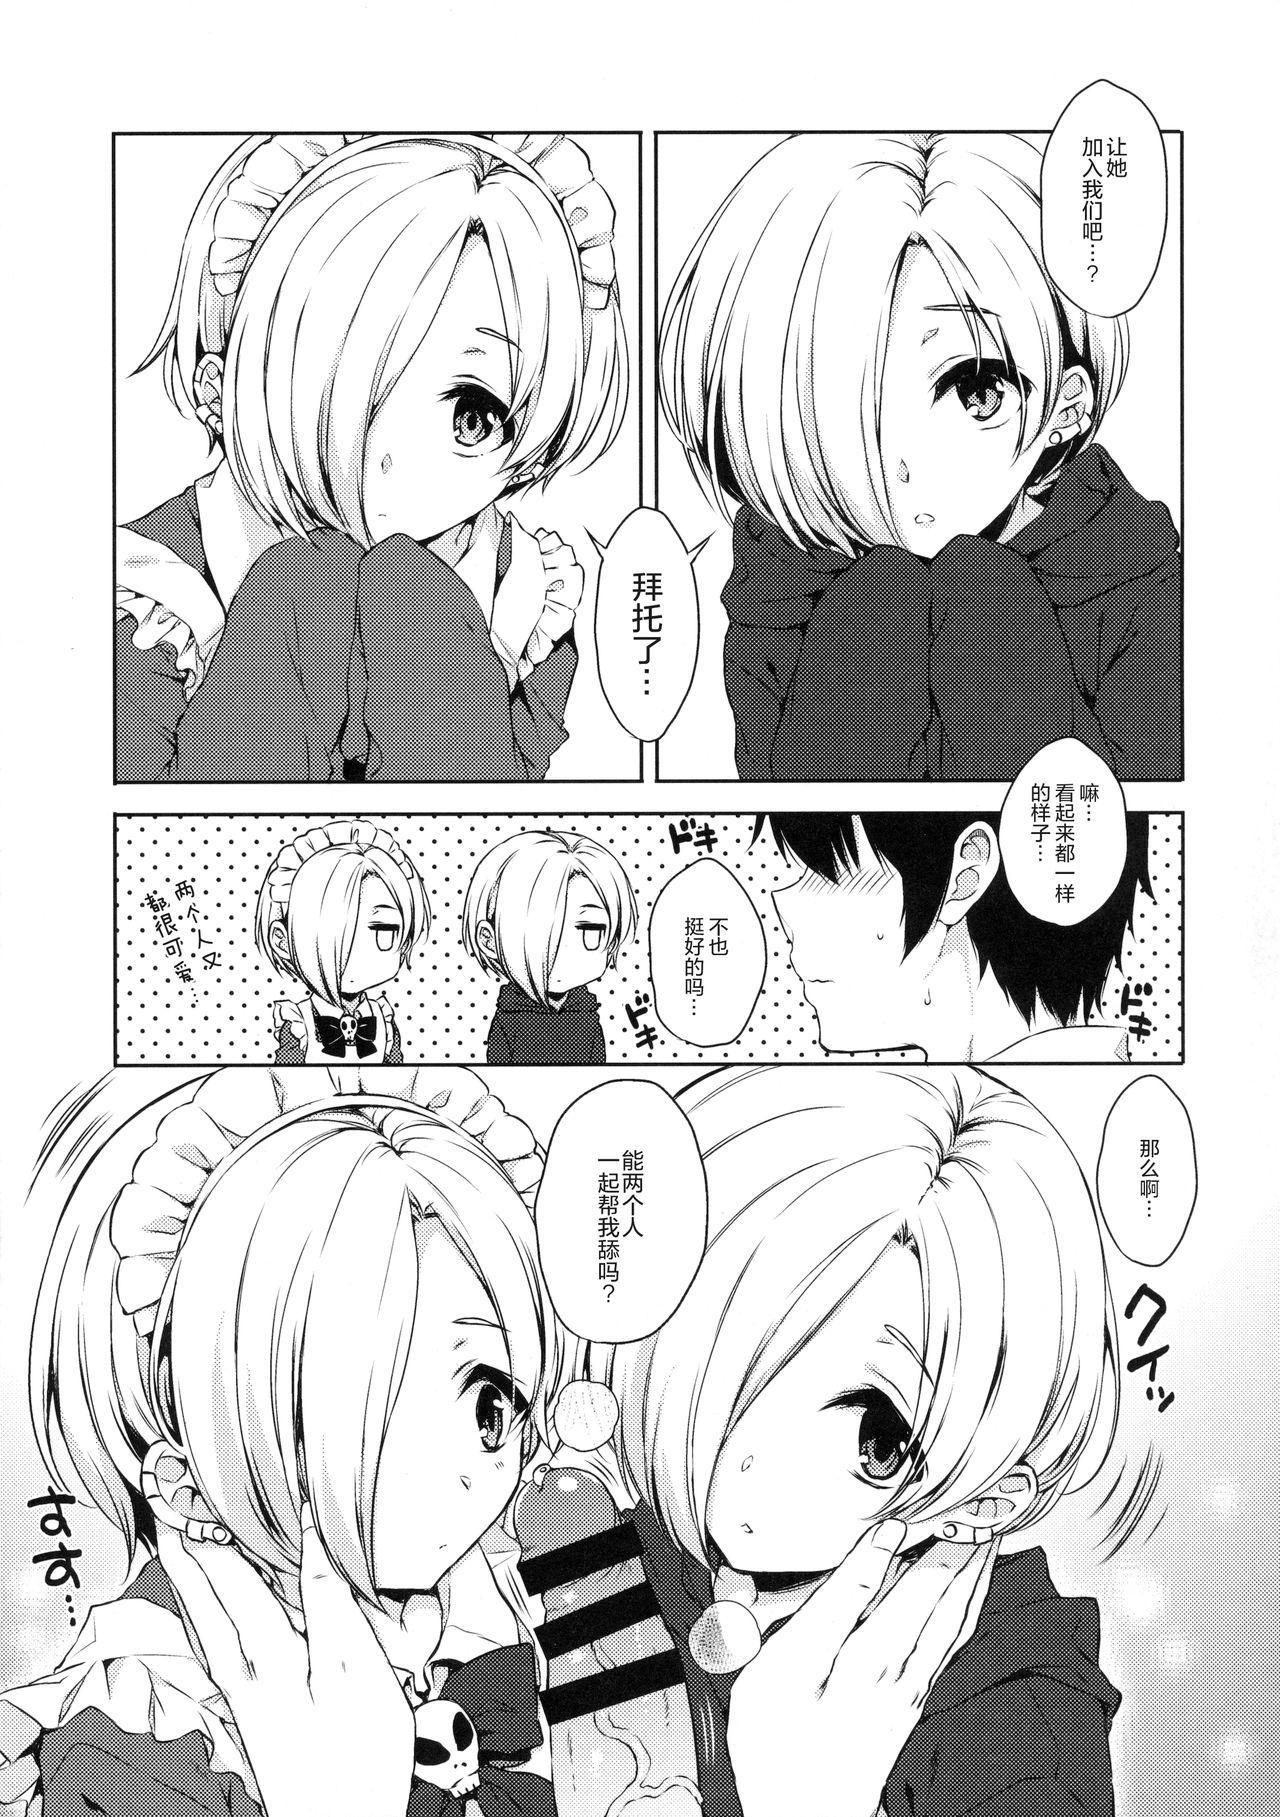 Koume-chan to Anoko to Nagasaresex 6